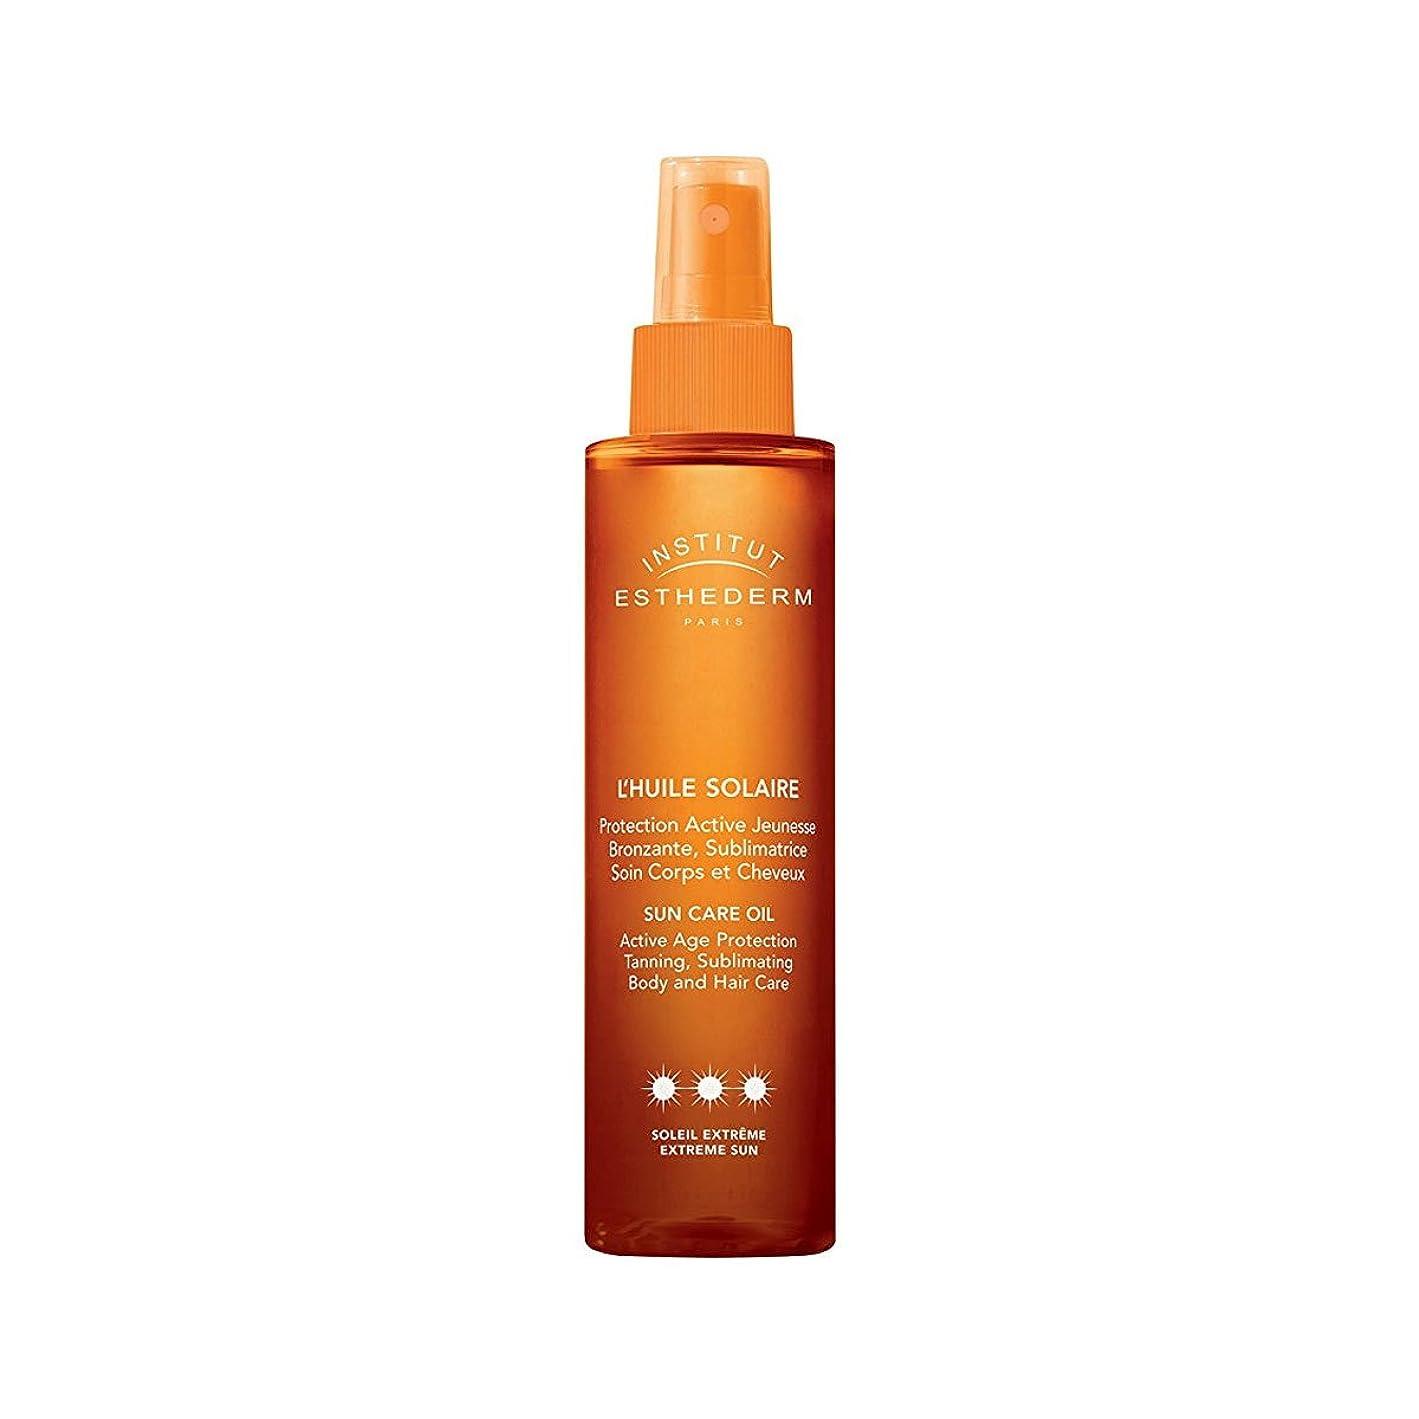 協力会計士ディスクInstitut Esthederm Protective Sun Care Oil For Body And Hair Strong Sun 150ml [並行輸入品]